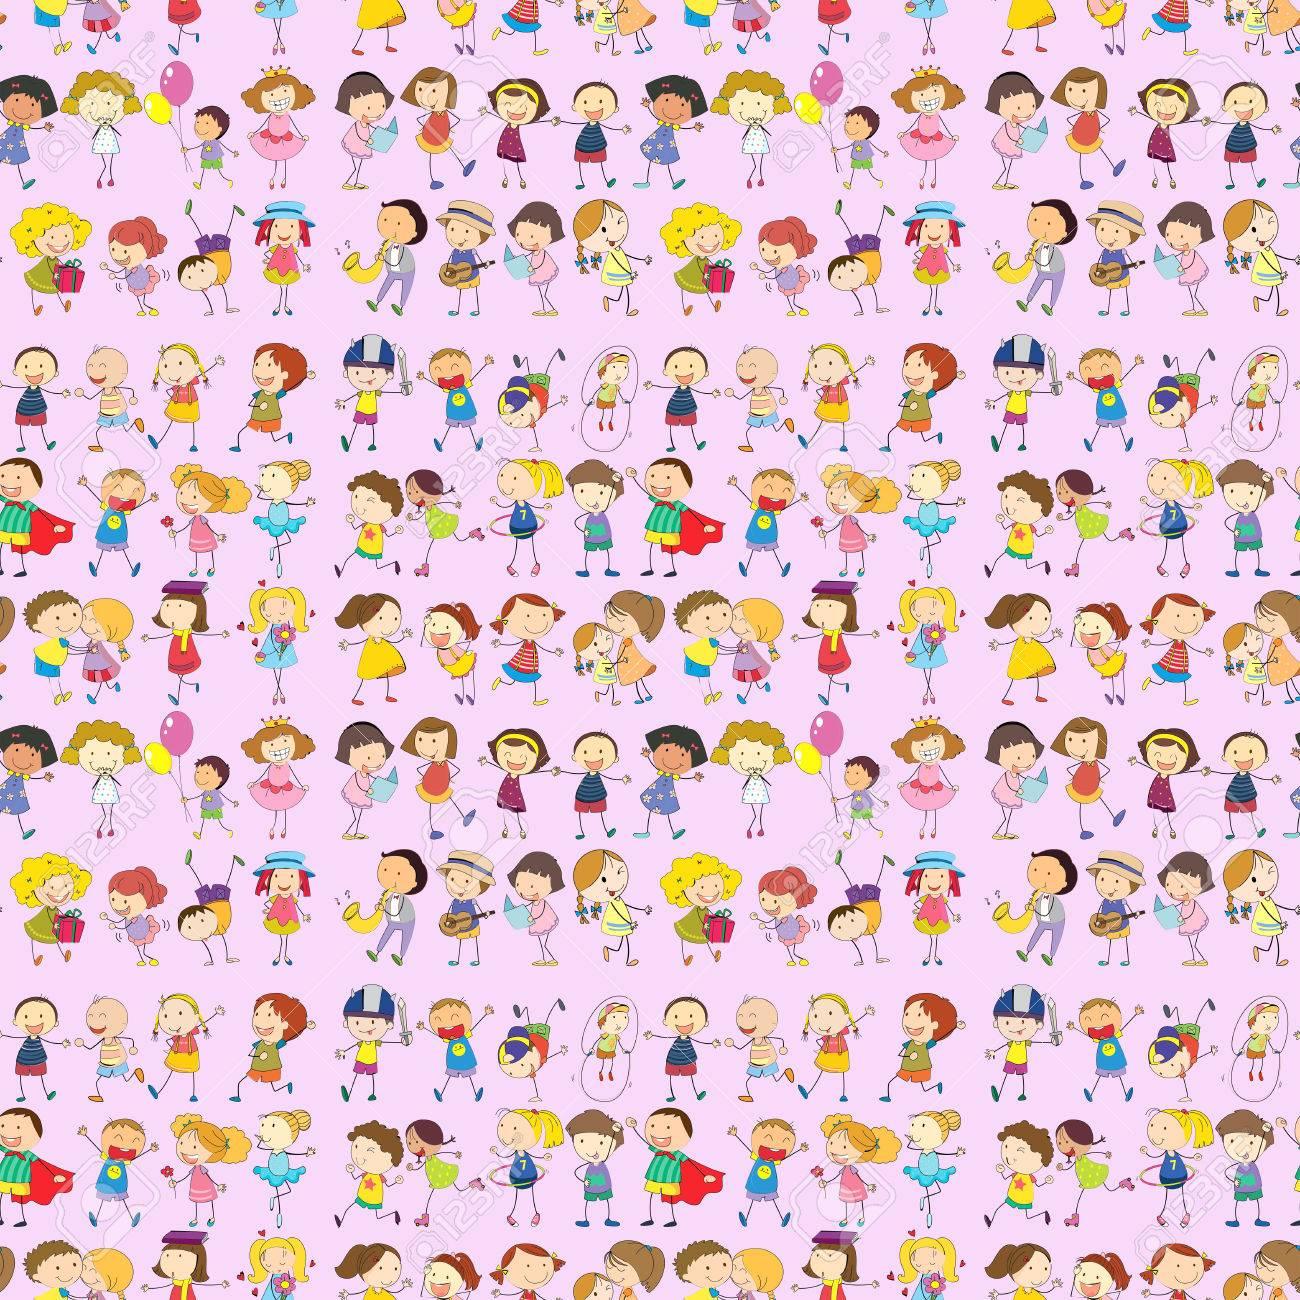 シームレスな子供の動きのイラストのイラスト素材ベクタ Image 31216302